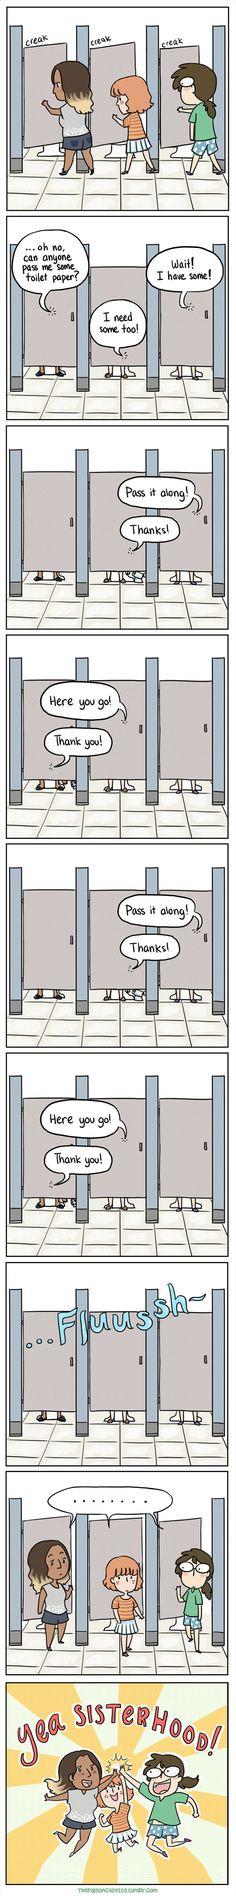 10 Hilarious Comics For Socially Awkward People Life Comics, Fun Comics, The Pigeon Gazette, Stupid Funny, Hilarious, Rage Comic, Funny Quotes, Funny Memes, Funny Cartoons